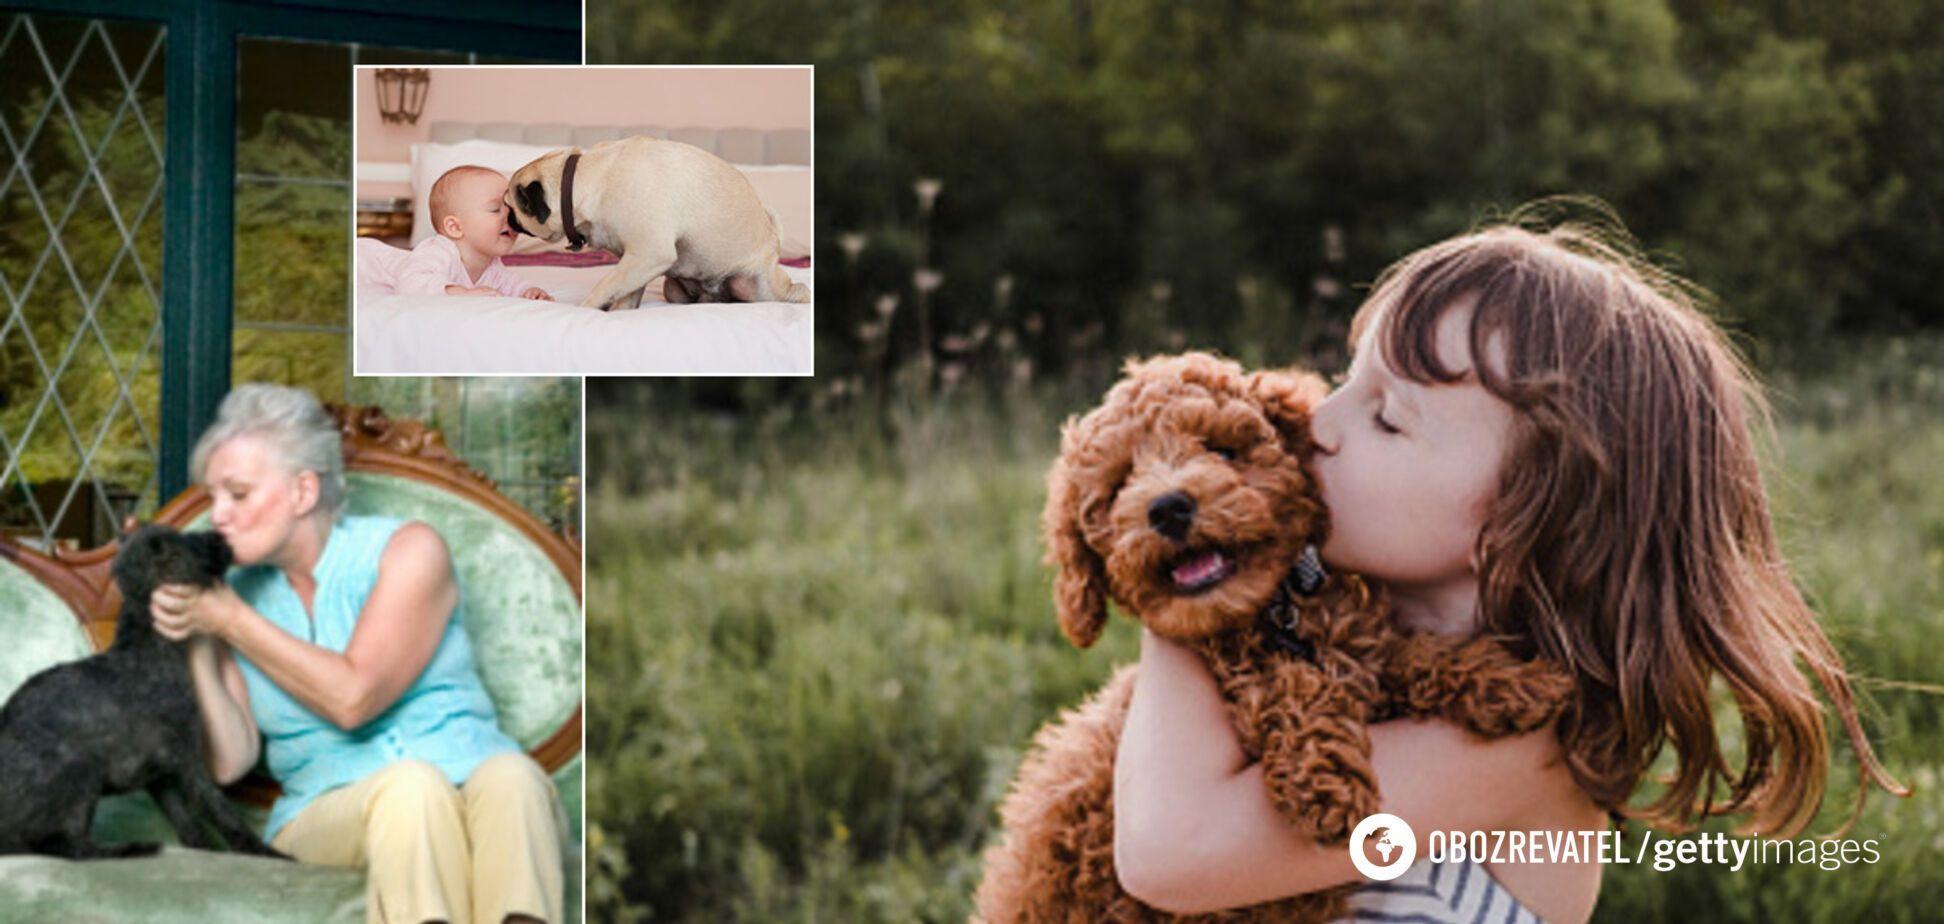 Целовать собак опасно: медики предупредили о пагубных последствиях